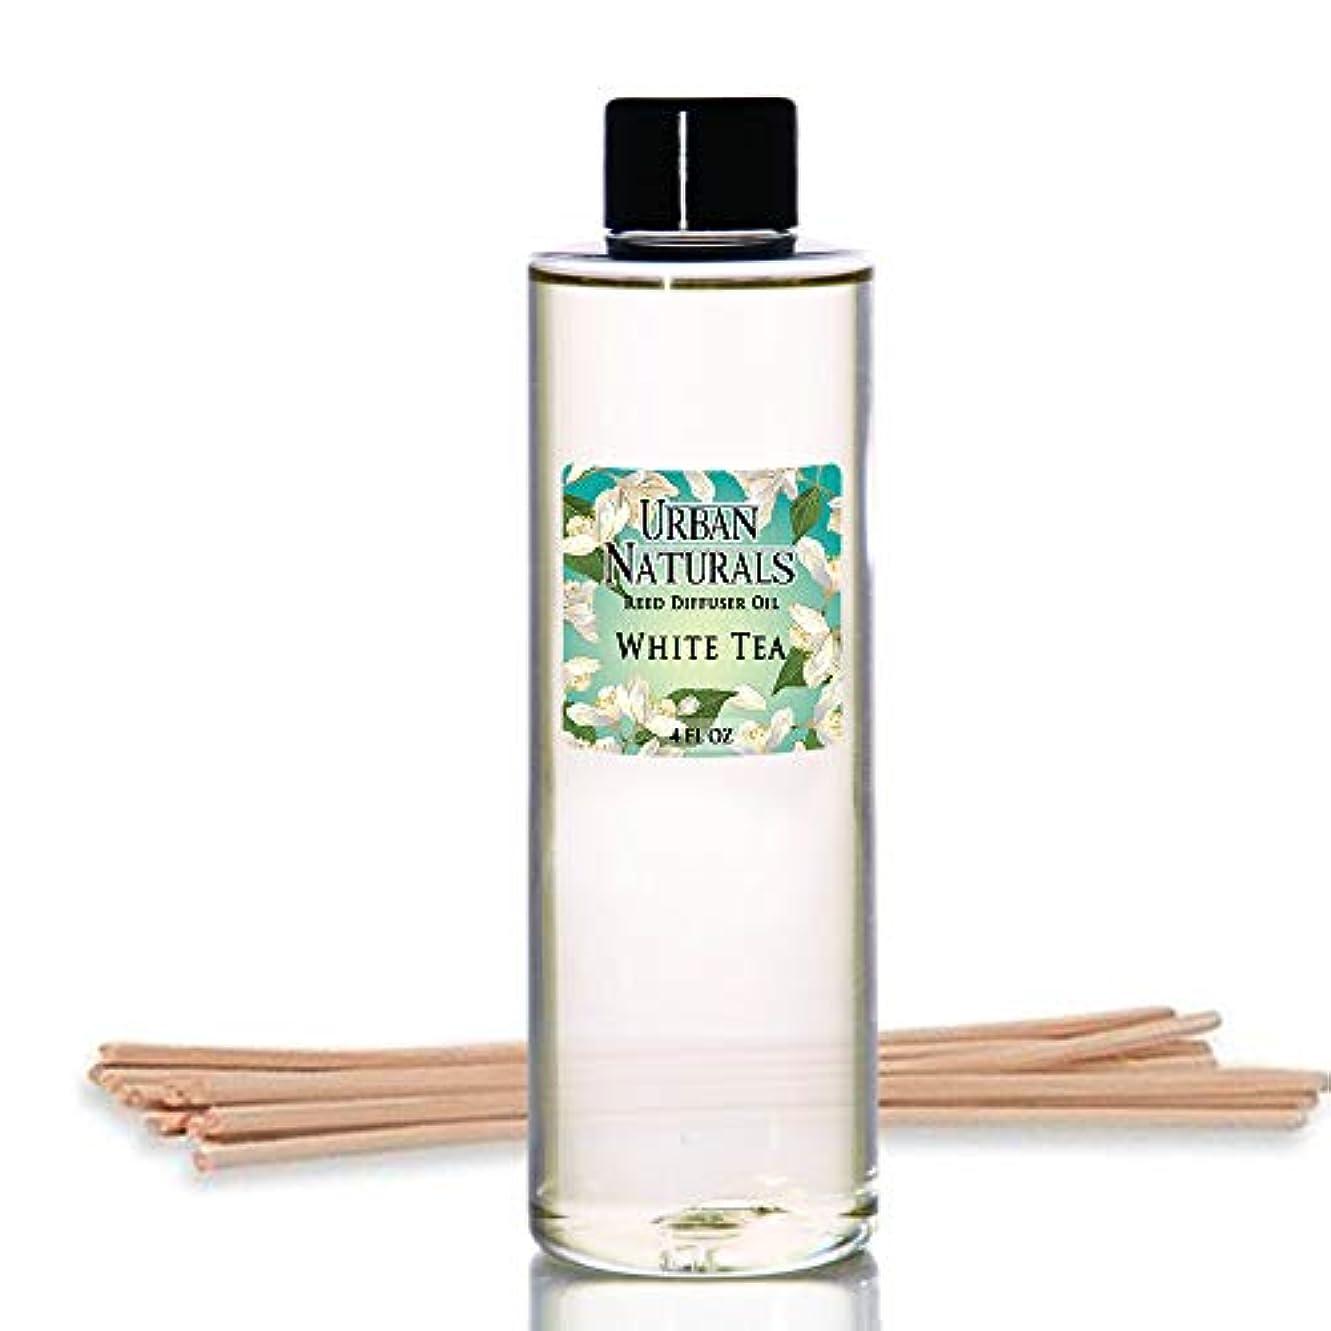 熱帯のドロップくるみUrban Naturals ホワイトティーの香りのオイルリードディフューザー詰め替え リードスティックの無料セット付属 4オンス